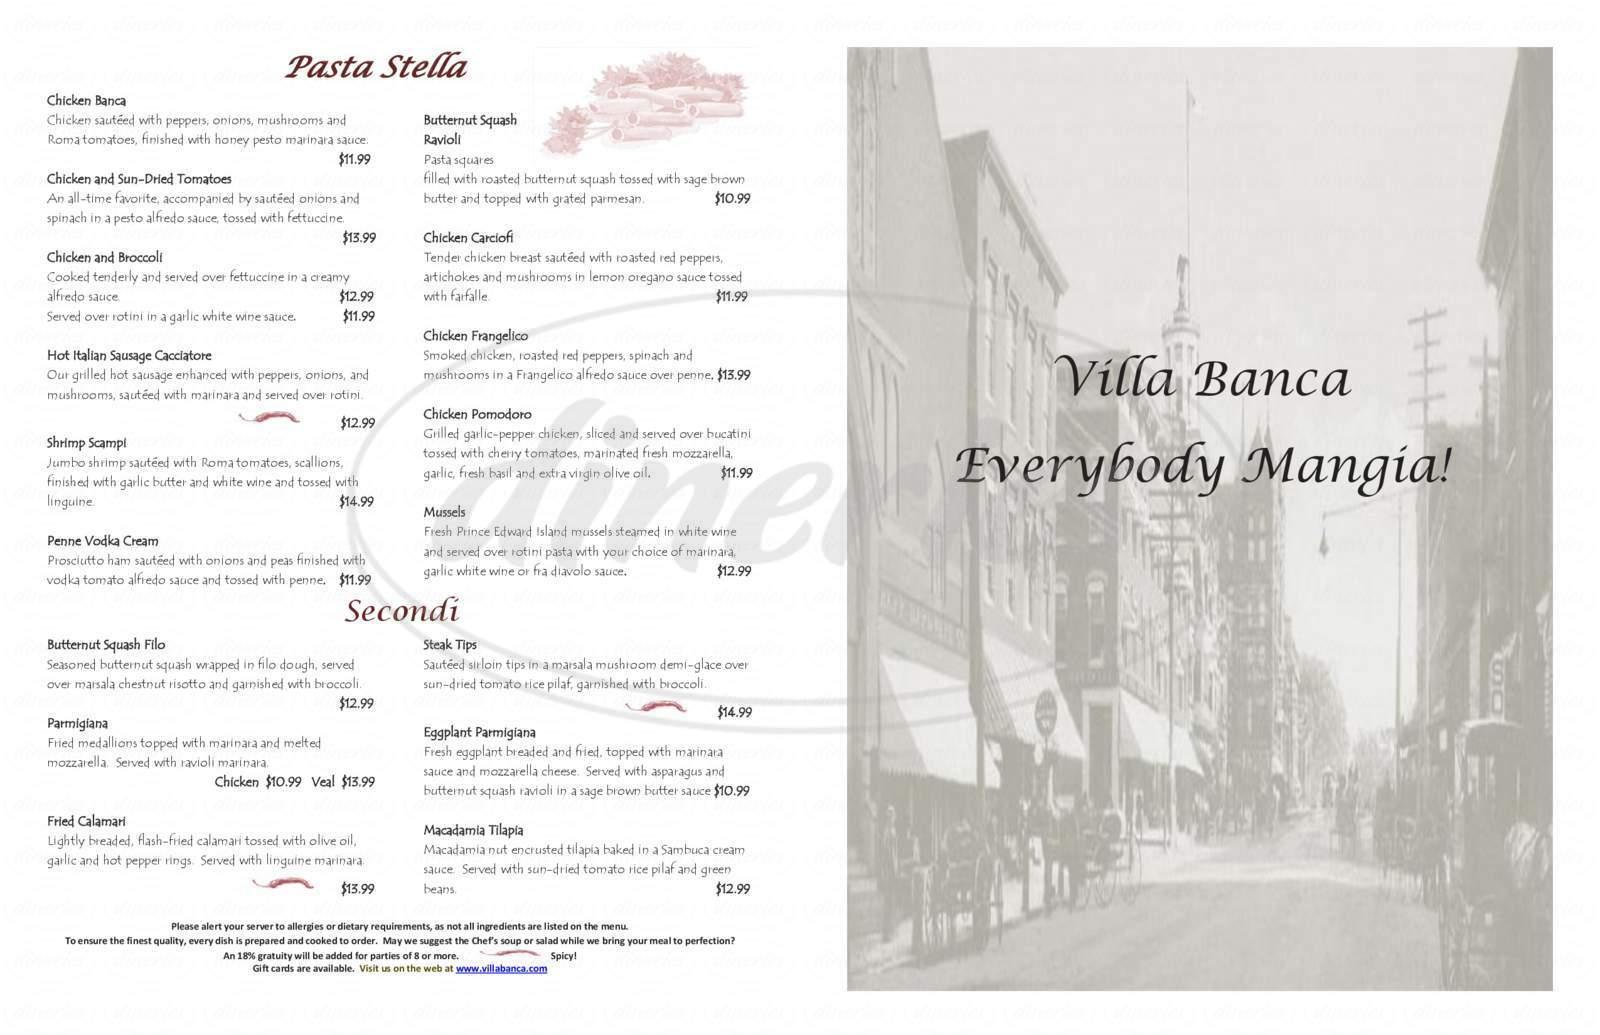 menu for Villa Banca